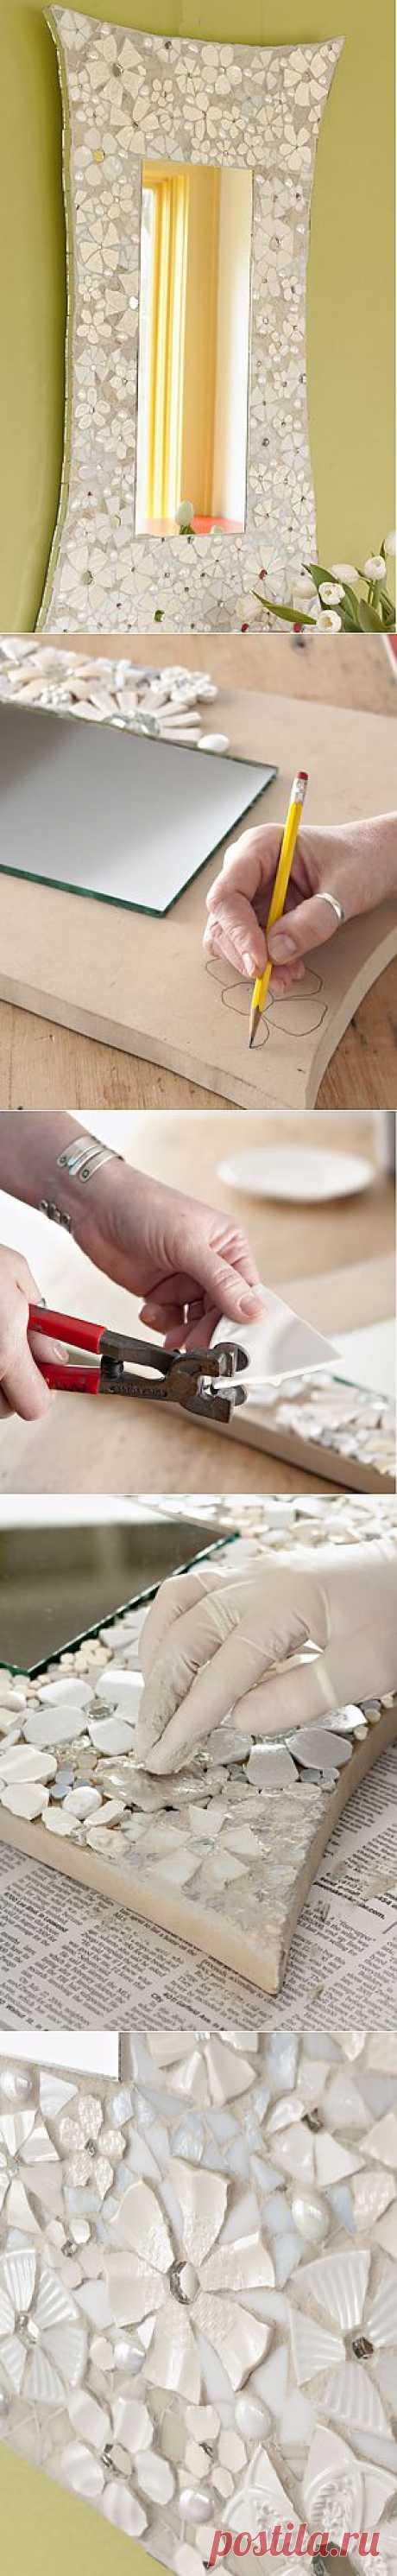 Мозайка ... из разбитых тарелок (мастер-класс) / Ванна / Модный сайт о стильной переделке одежды и интерьера